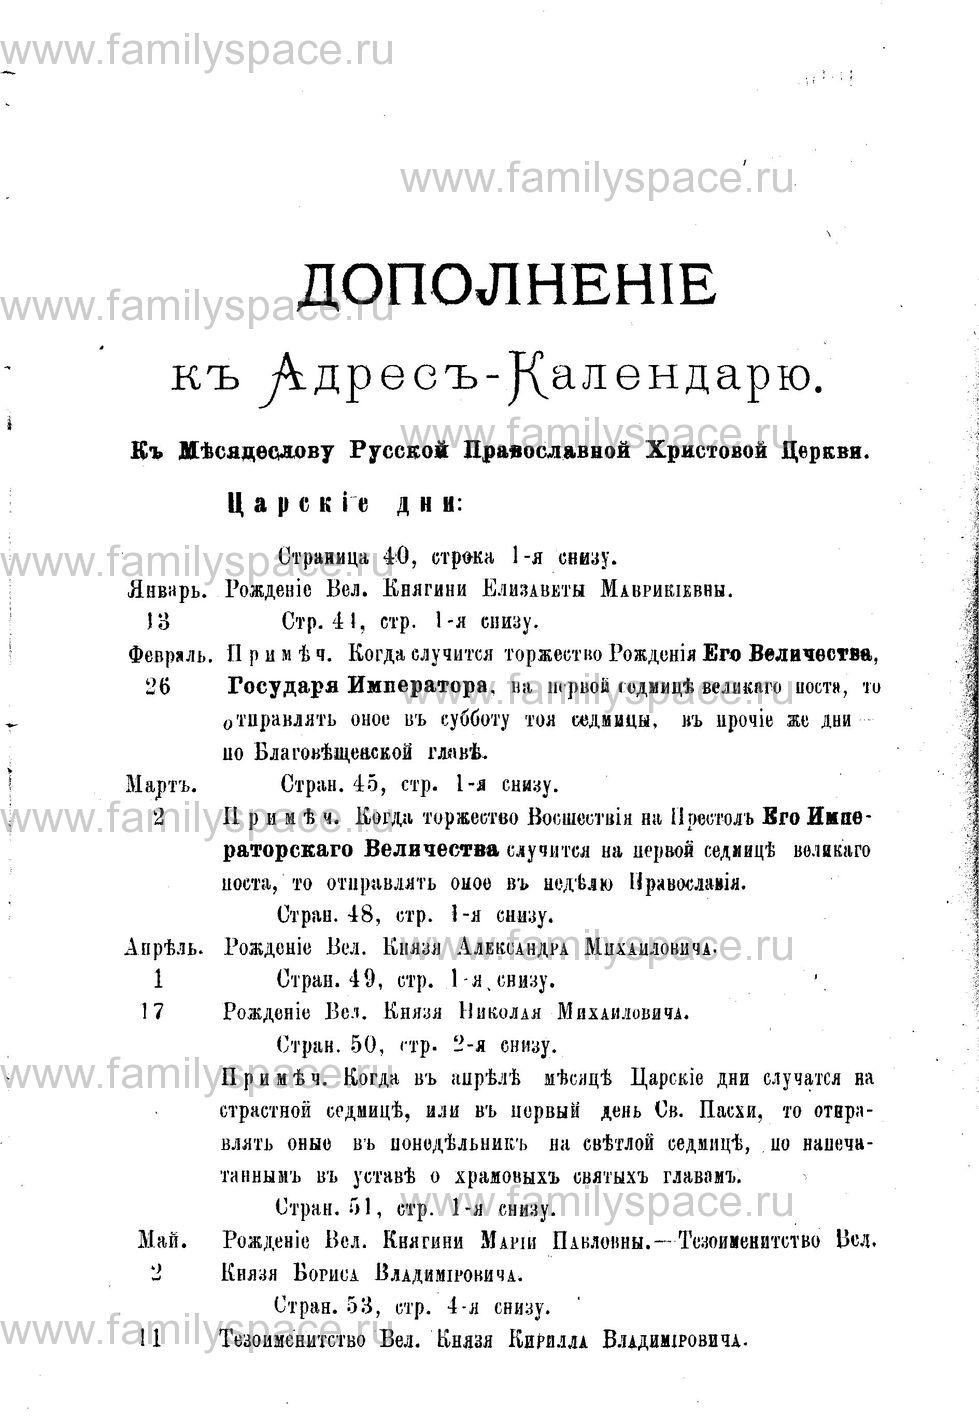 Поиск по фамилии - Адрес-календарь Нижегородской епархии на 1888 год, страница 2015